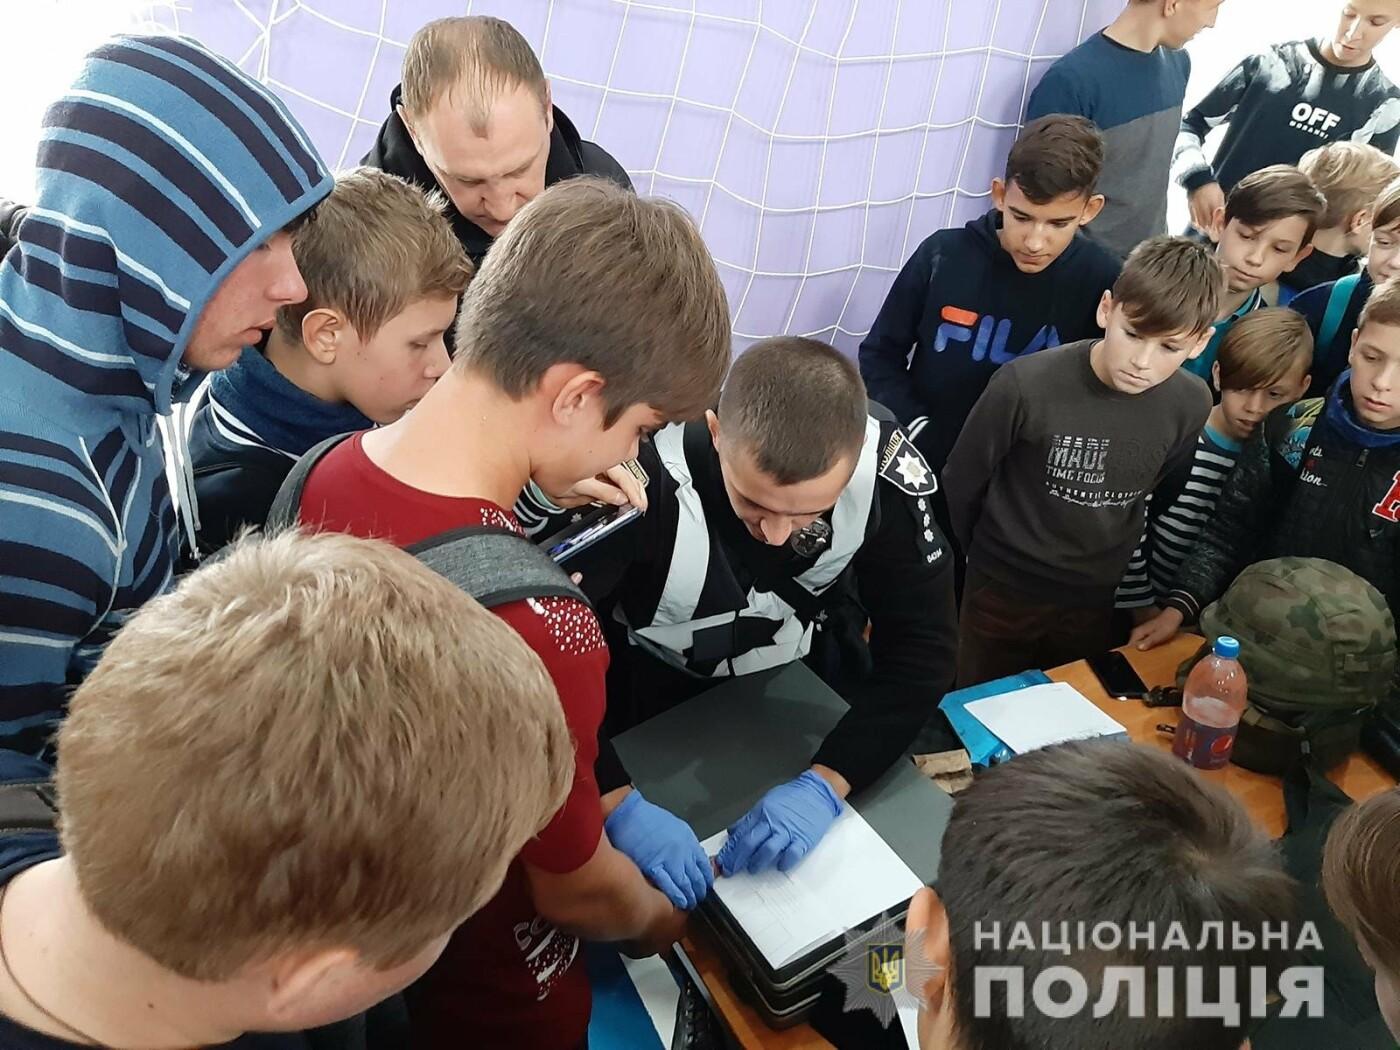 Полицейские и спасатели рассказали школьникам Мелитопольского района о своих профессиях, фото-3